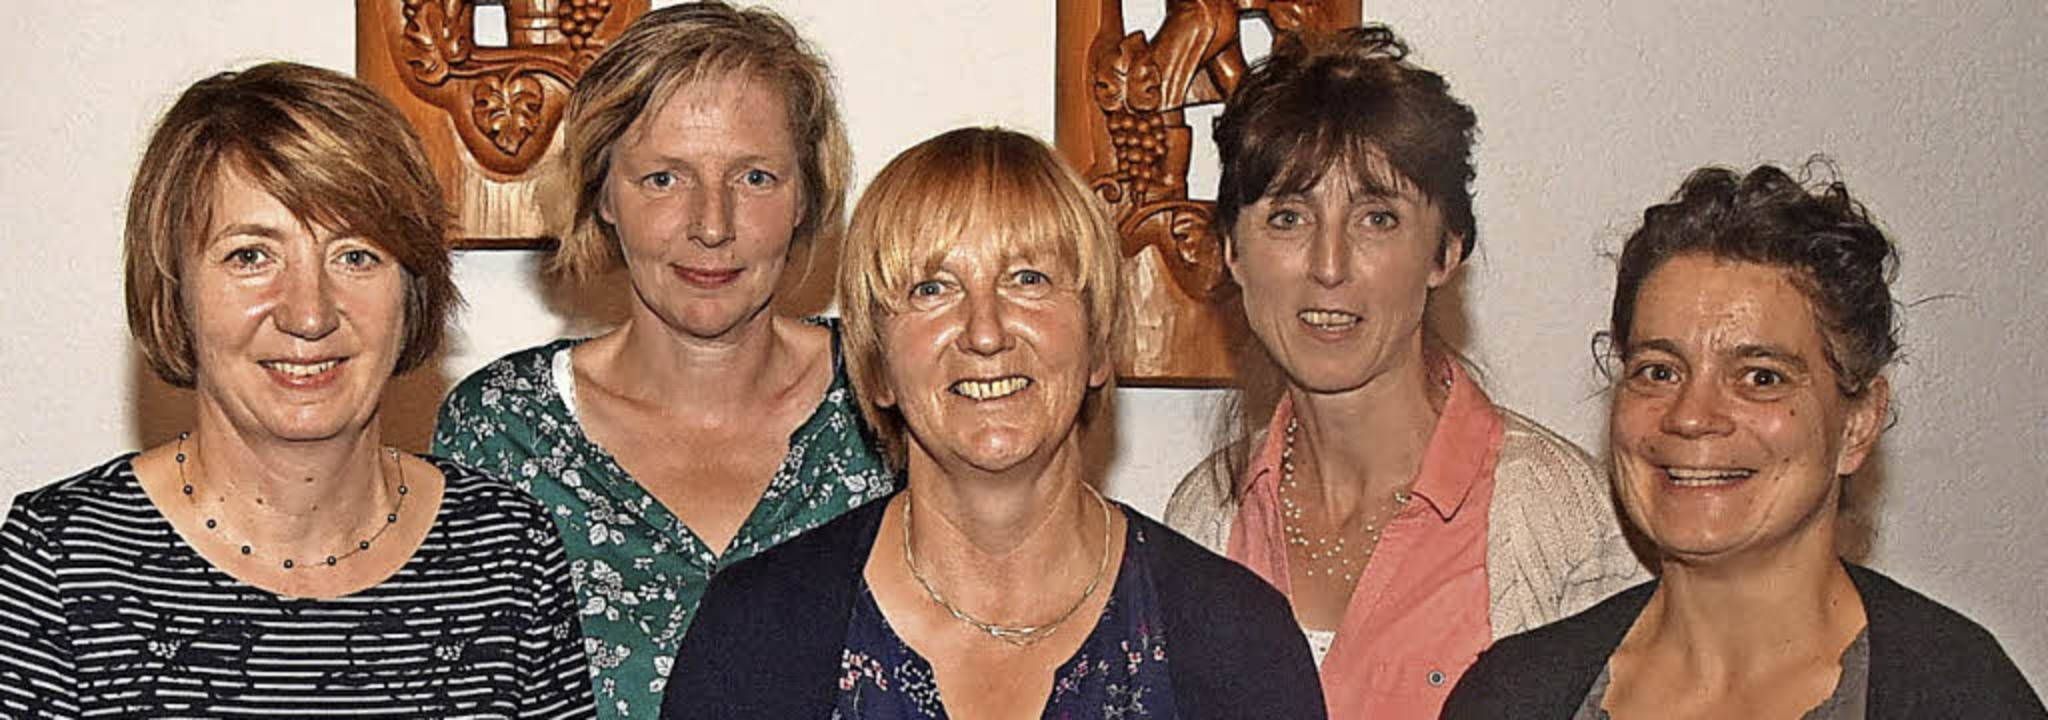 Das Vorstandsteam der Landfrauen vom H..., Vroni Tröndle und Petra Dischinger.   | Foto: Stefan Pichler